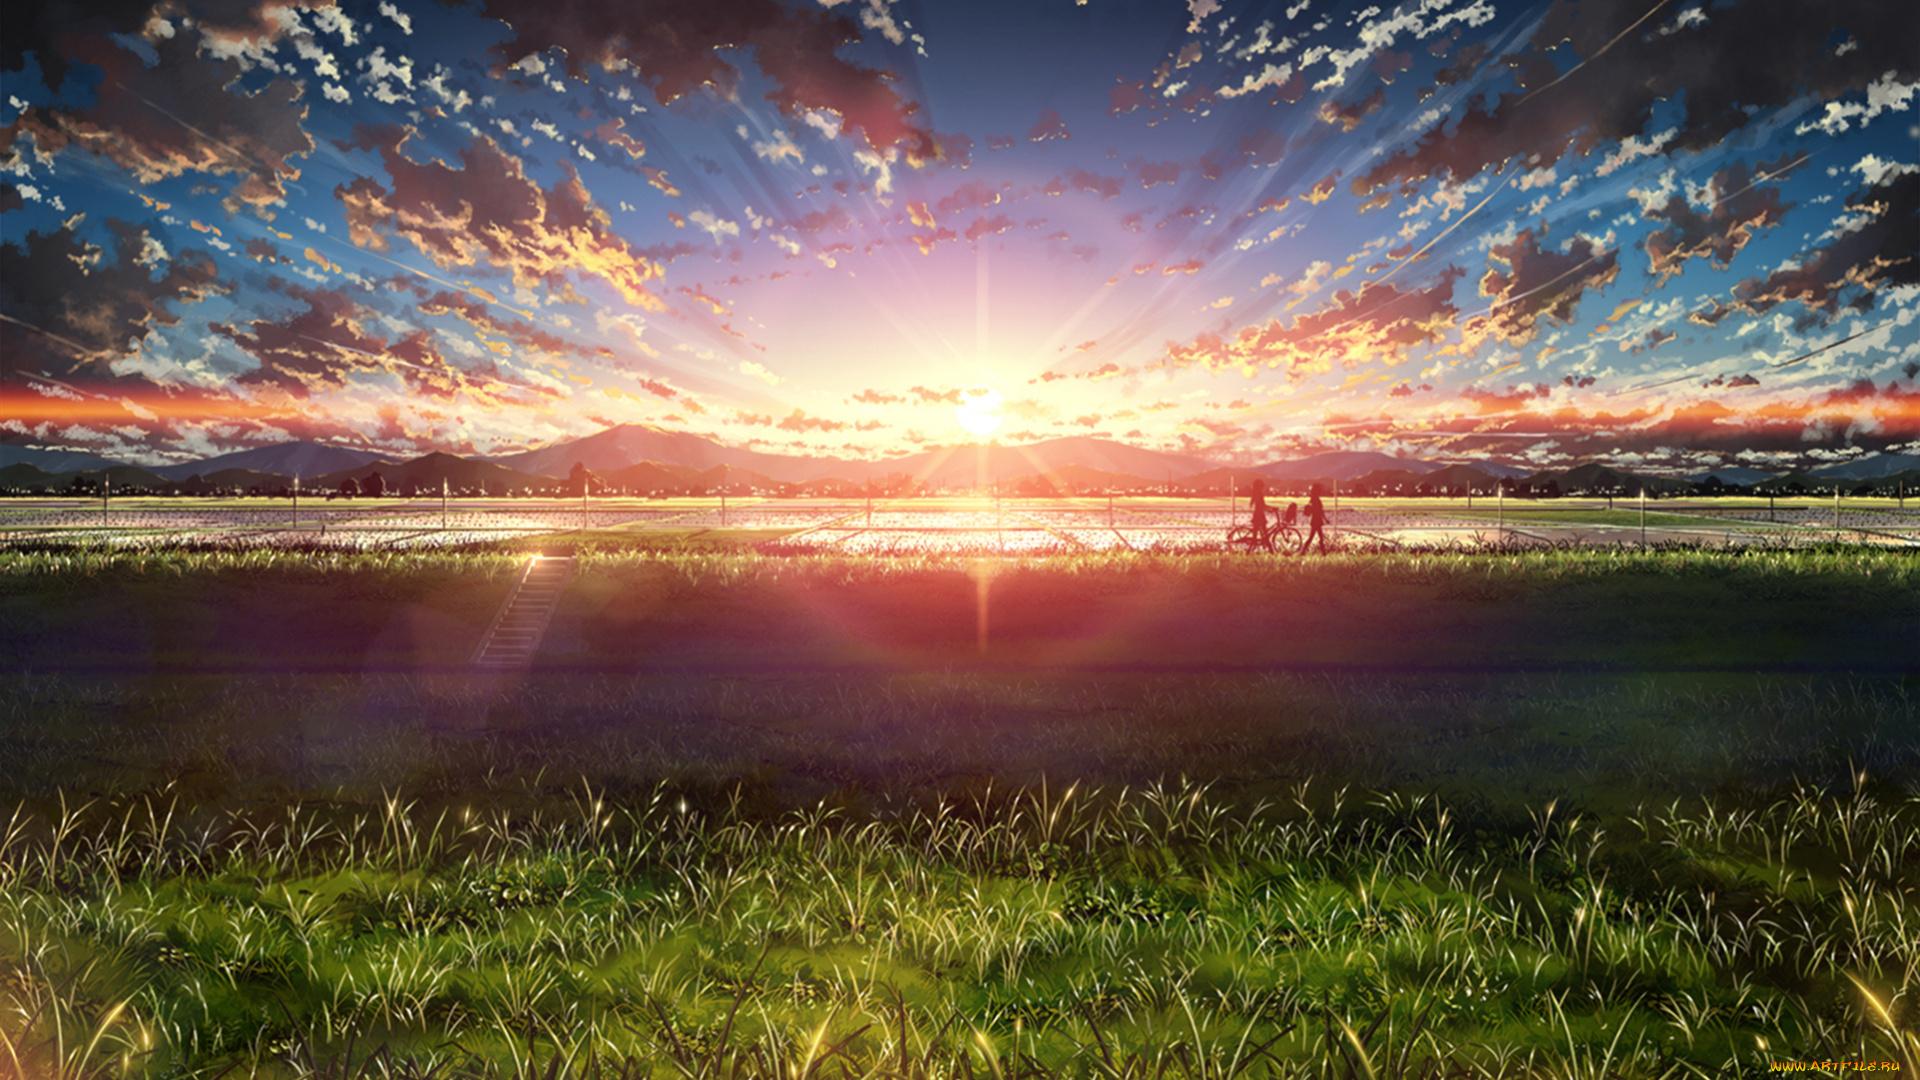 аниме, закат, цветочная поляна загрузить